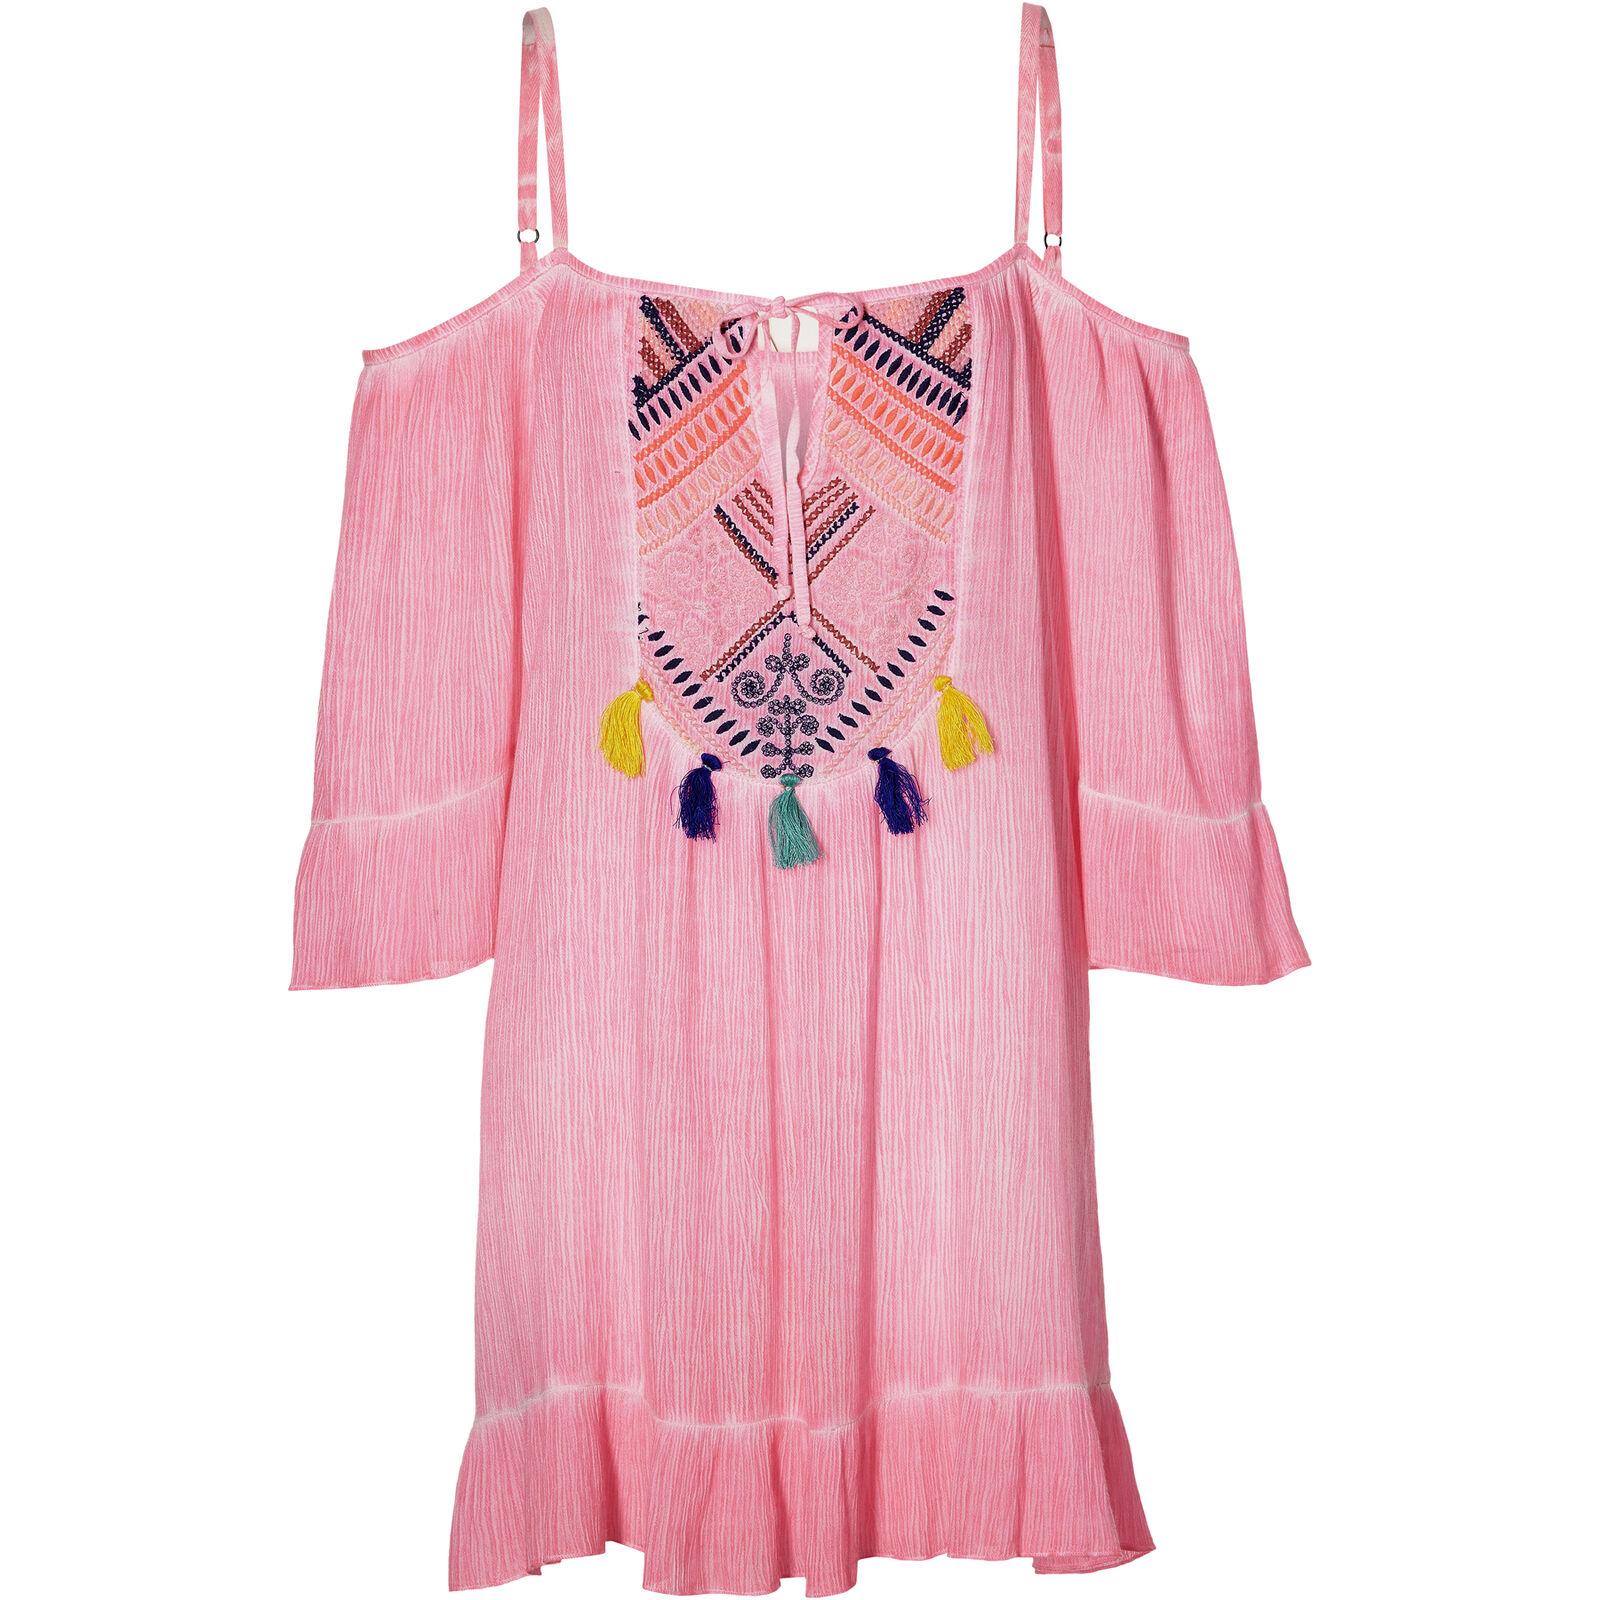 O'Neill Kleid Trägerkleid LW SODA SPRINGS EMB DRESS pink pink pink Unifarben 78a73c